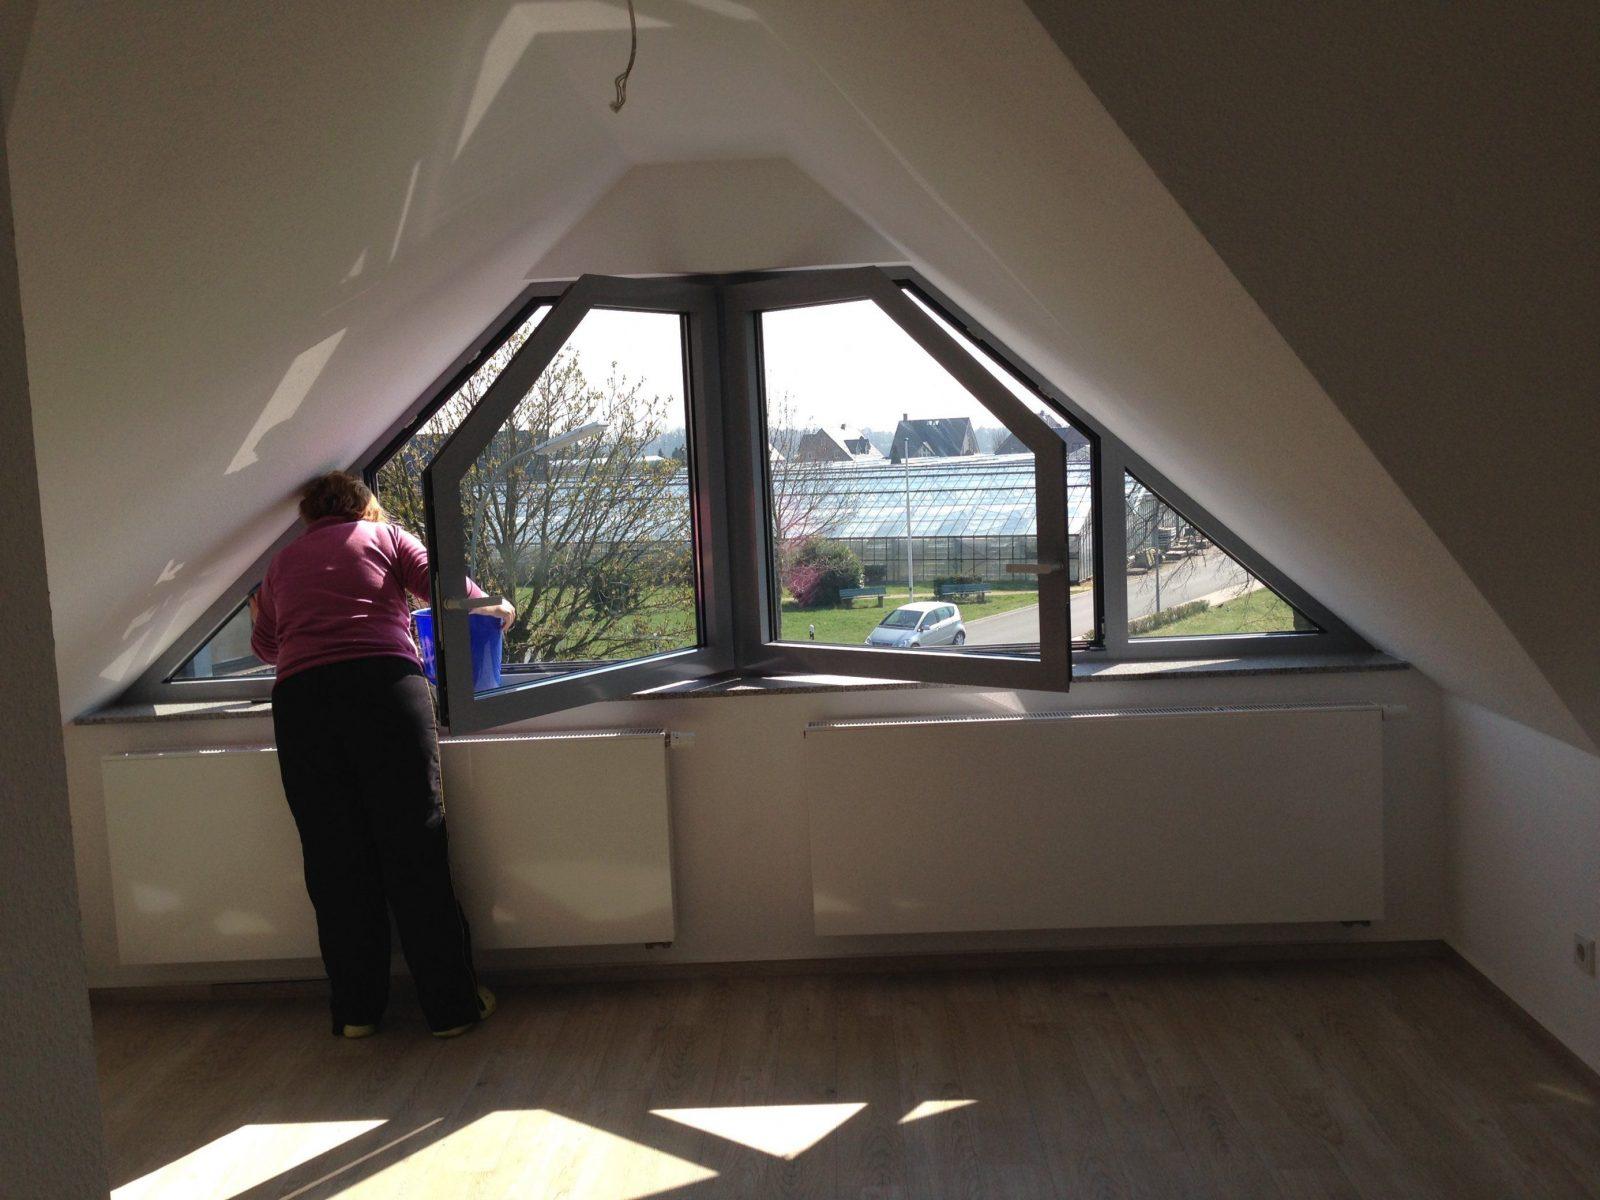 Wunderschöne Vorhang Schräge Fenster Schrã Ge Fenster Vorhã Nge Mit von Schiebegardinen Für Schräge Fenster Bild